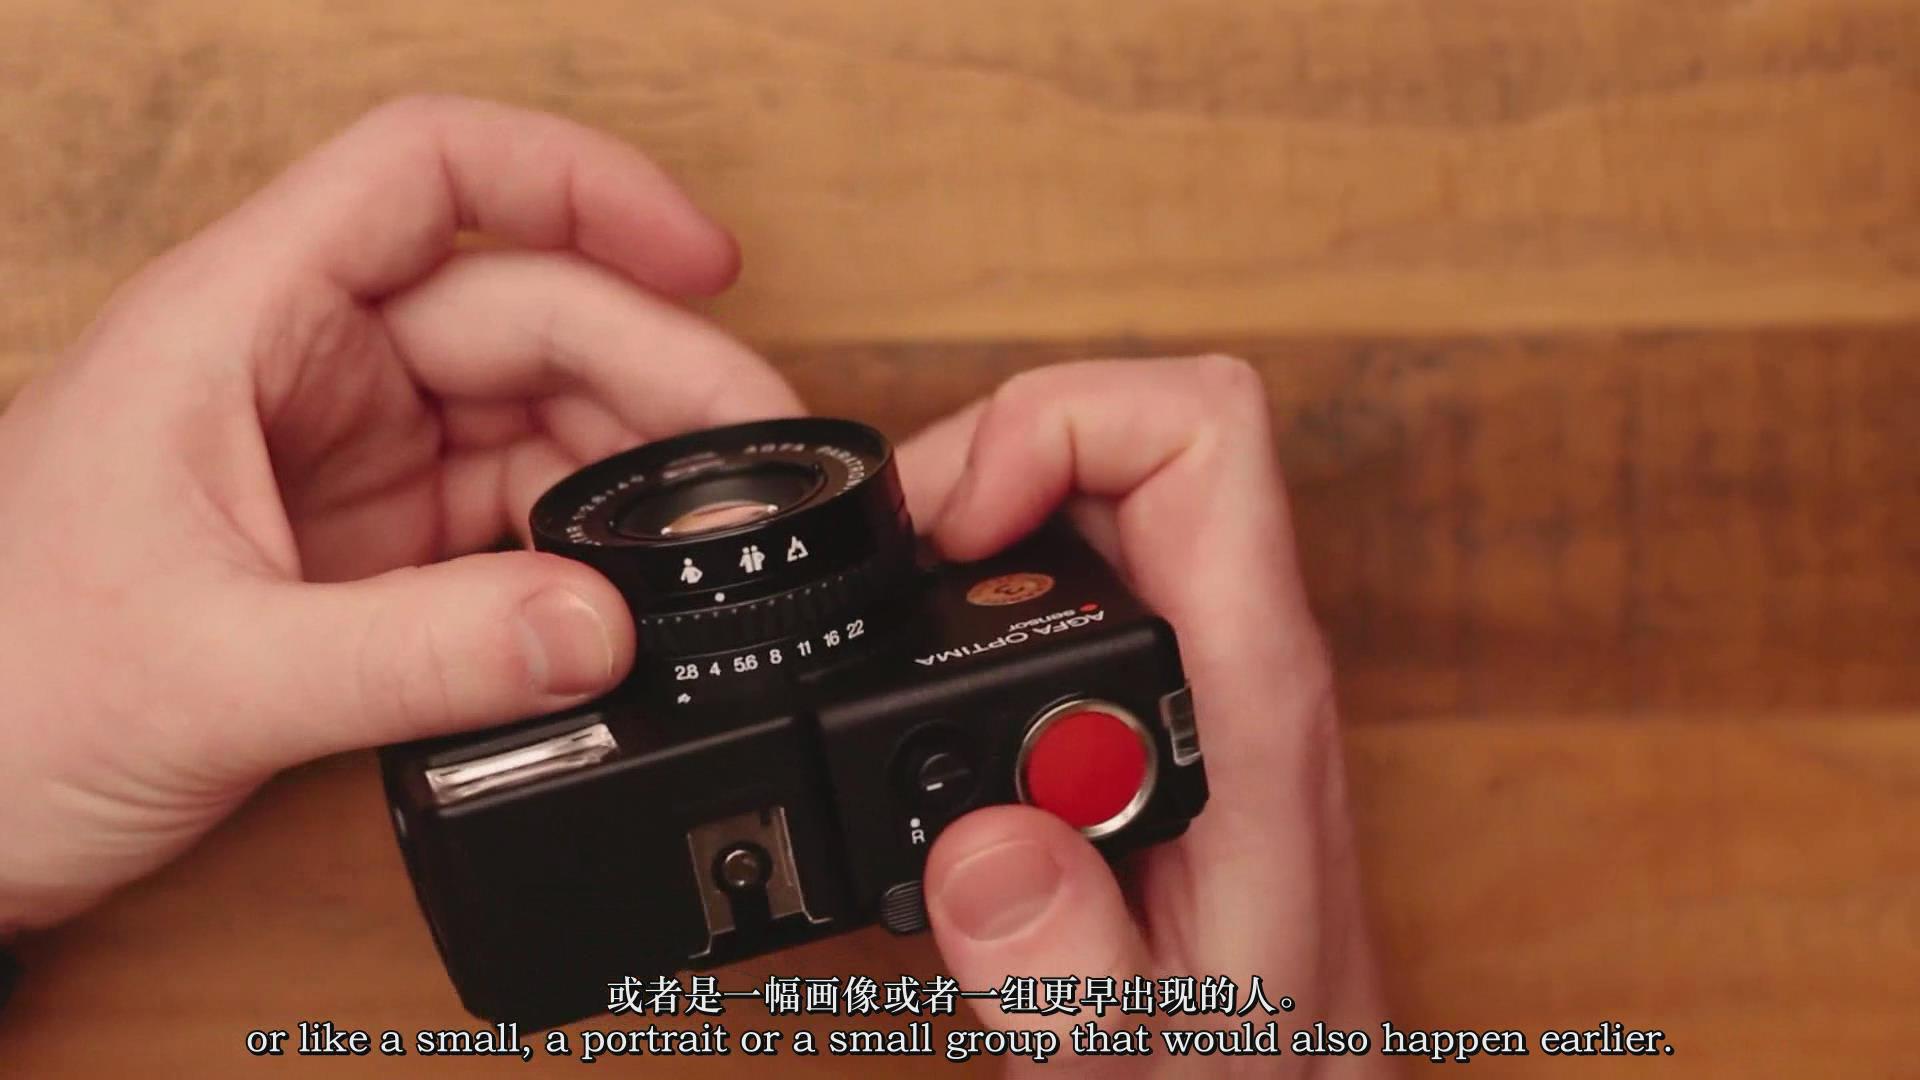 摄影教程_35毫米电影胶片入门终极指南教程-中英字幕 摄影教程 _预览图5